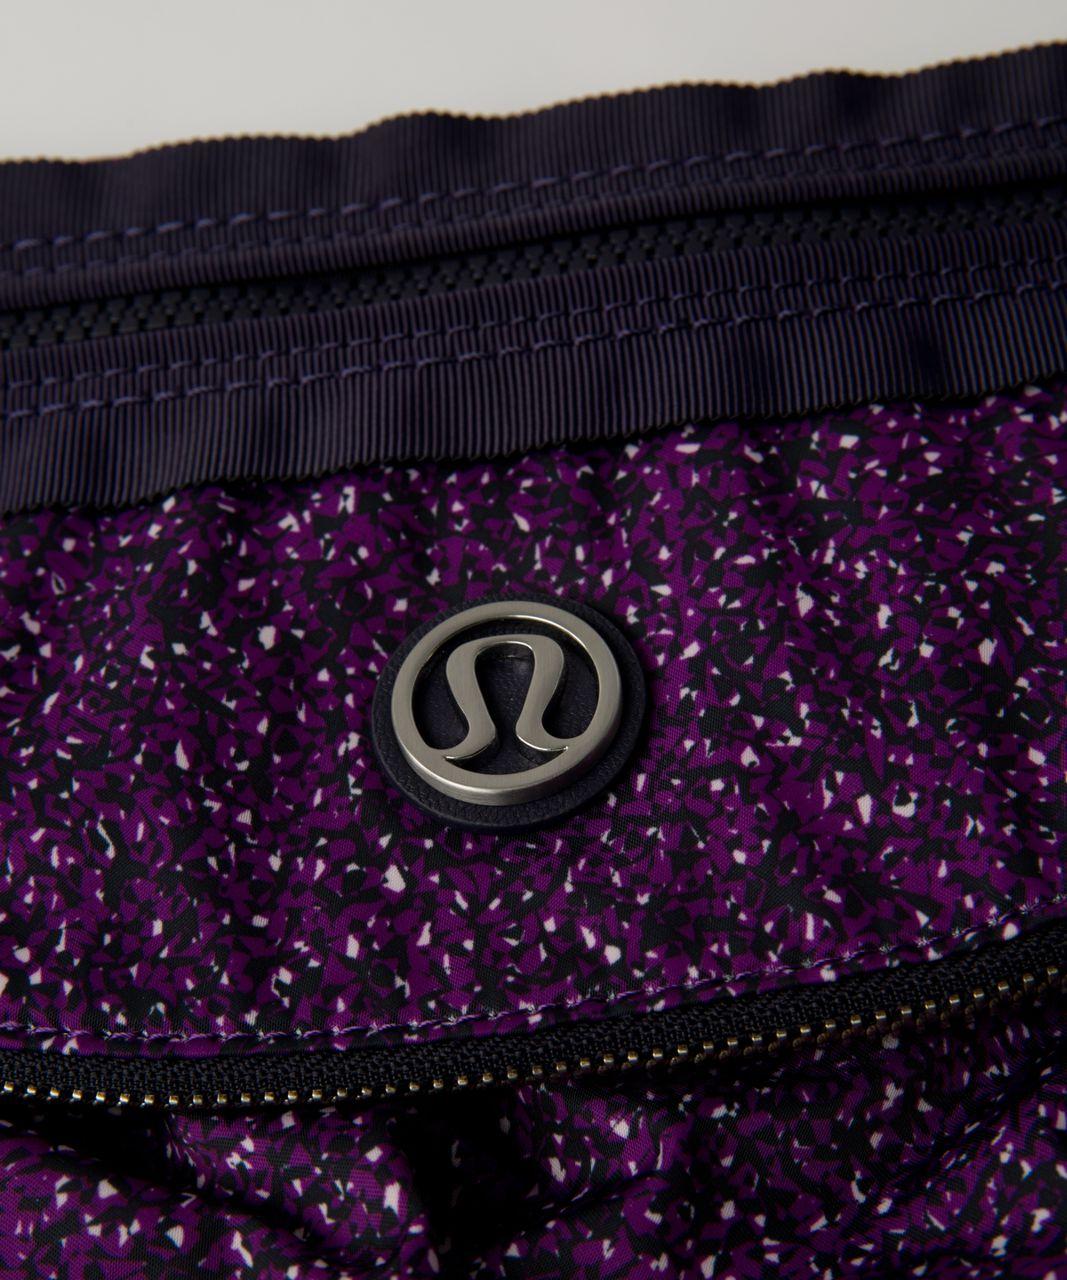 Lululemon Festival Bag - Flashback Static Powdered Rose Tender Violet 39ac92d38c546